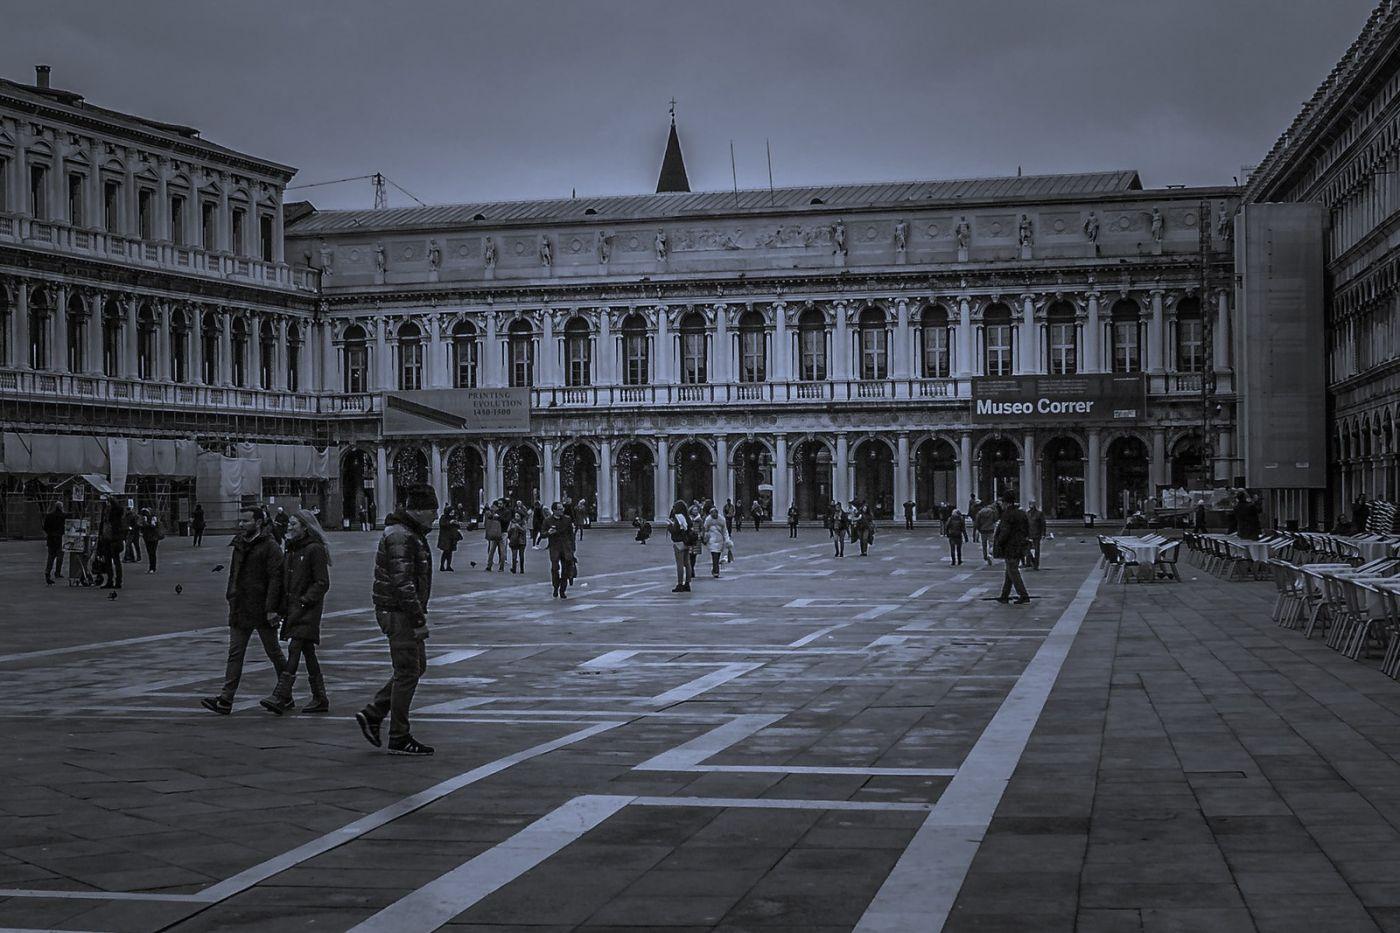 威尼斯圣马可广场(St Mark's Square), 独一无二_图1-16